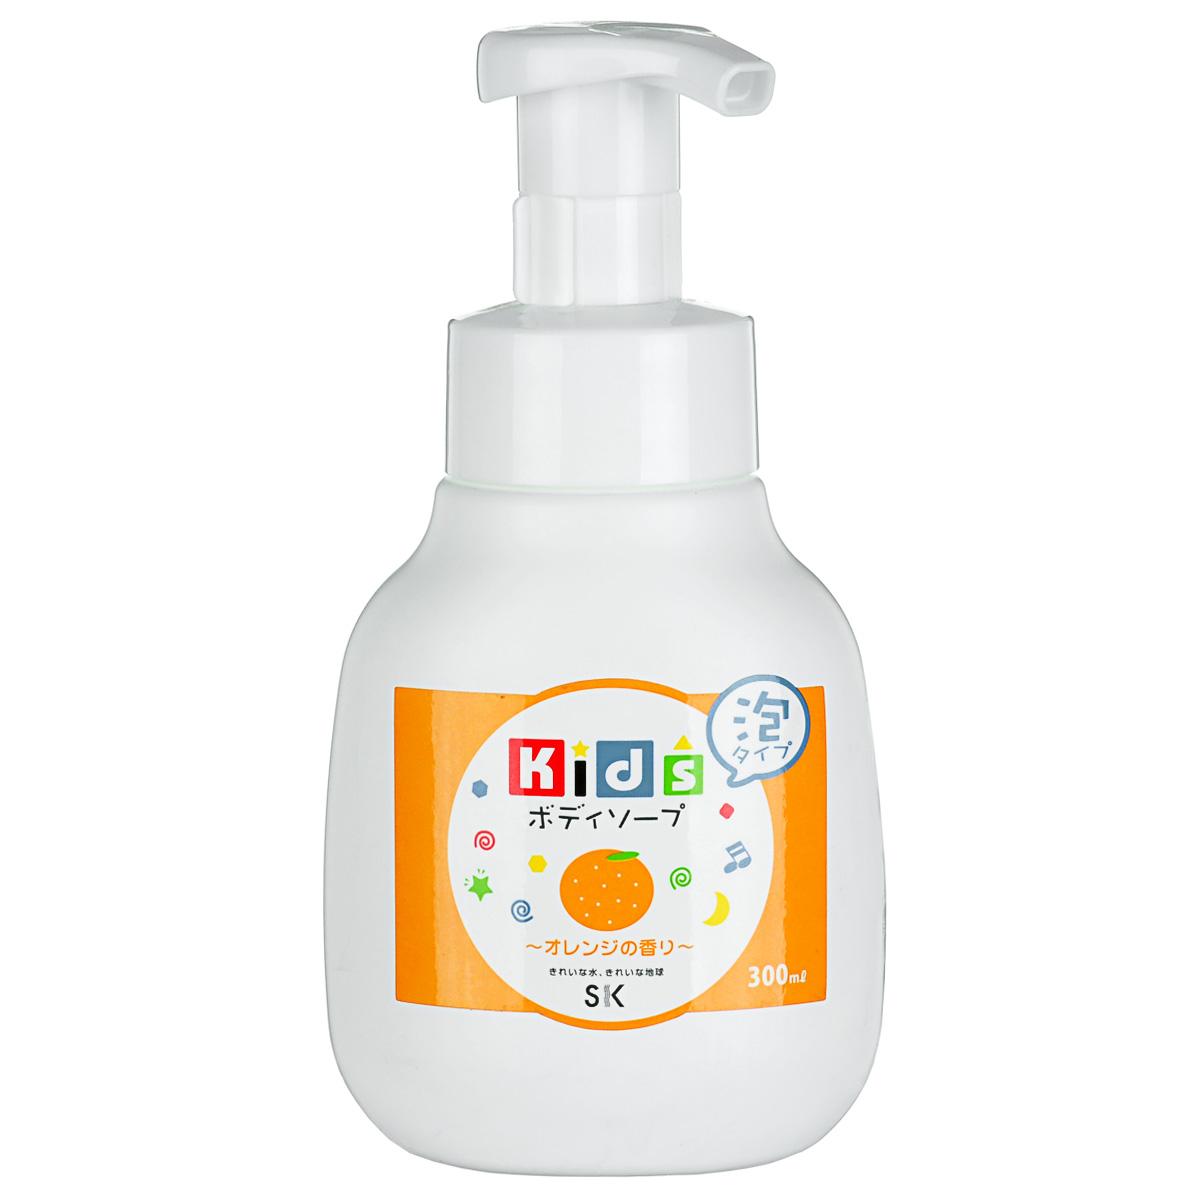 SK Kids Детское пенное мыло для тела с ароматом апельсина, 300 млА501007Воздушное детское пенное мыло порадует вашего малыша сочным ароматом апельсина и мыльными пузырьками! Очистит детскую кожу и обеспечит полноценный уход за ней, абсолютно безопасно. Экстракт апельсиновой цедры, в составе пенки, смягчит и окажет тонизирующее действие на нежную кожу. Не содержит ПАВ, искусственных красителей, ароматизаторов, антиоксидантов, поэтому мыло необходимо хранить в местах, защищенных от прямых солнечных лучей, высокой температуры и влажности. Проверено дерматологами.